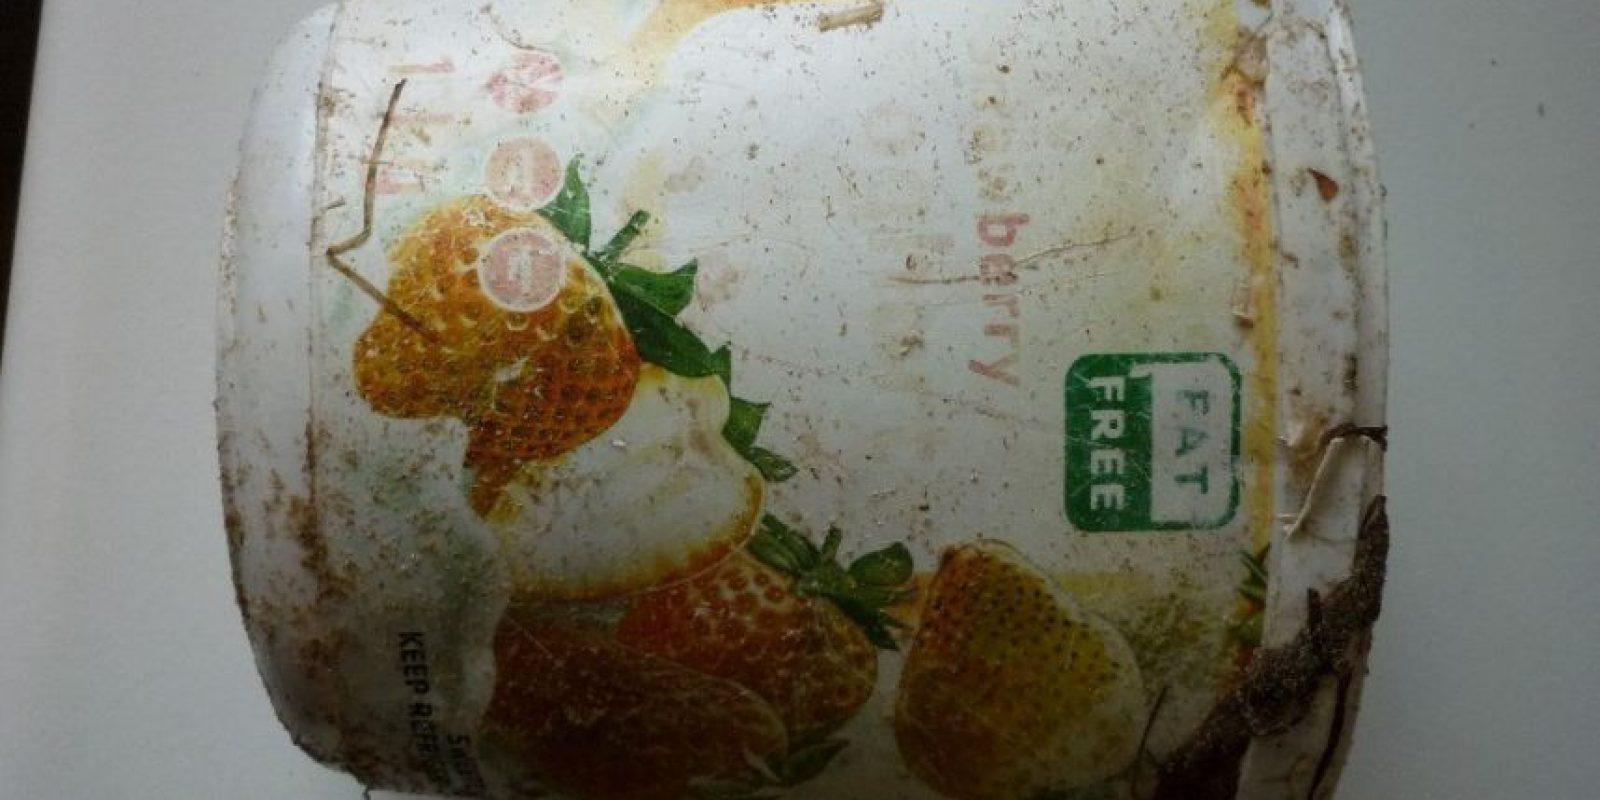 Y desechos plásticos Foto:Facebook.com/OrcaPlett